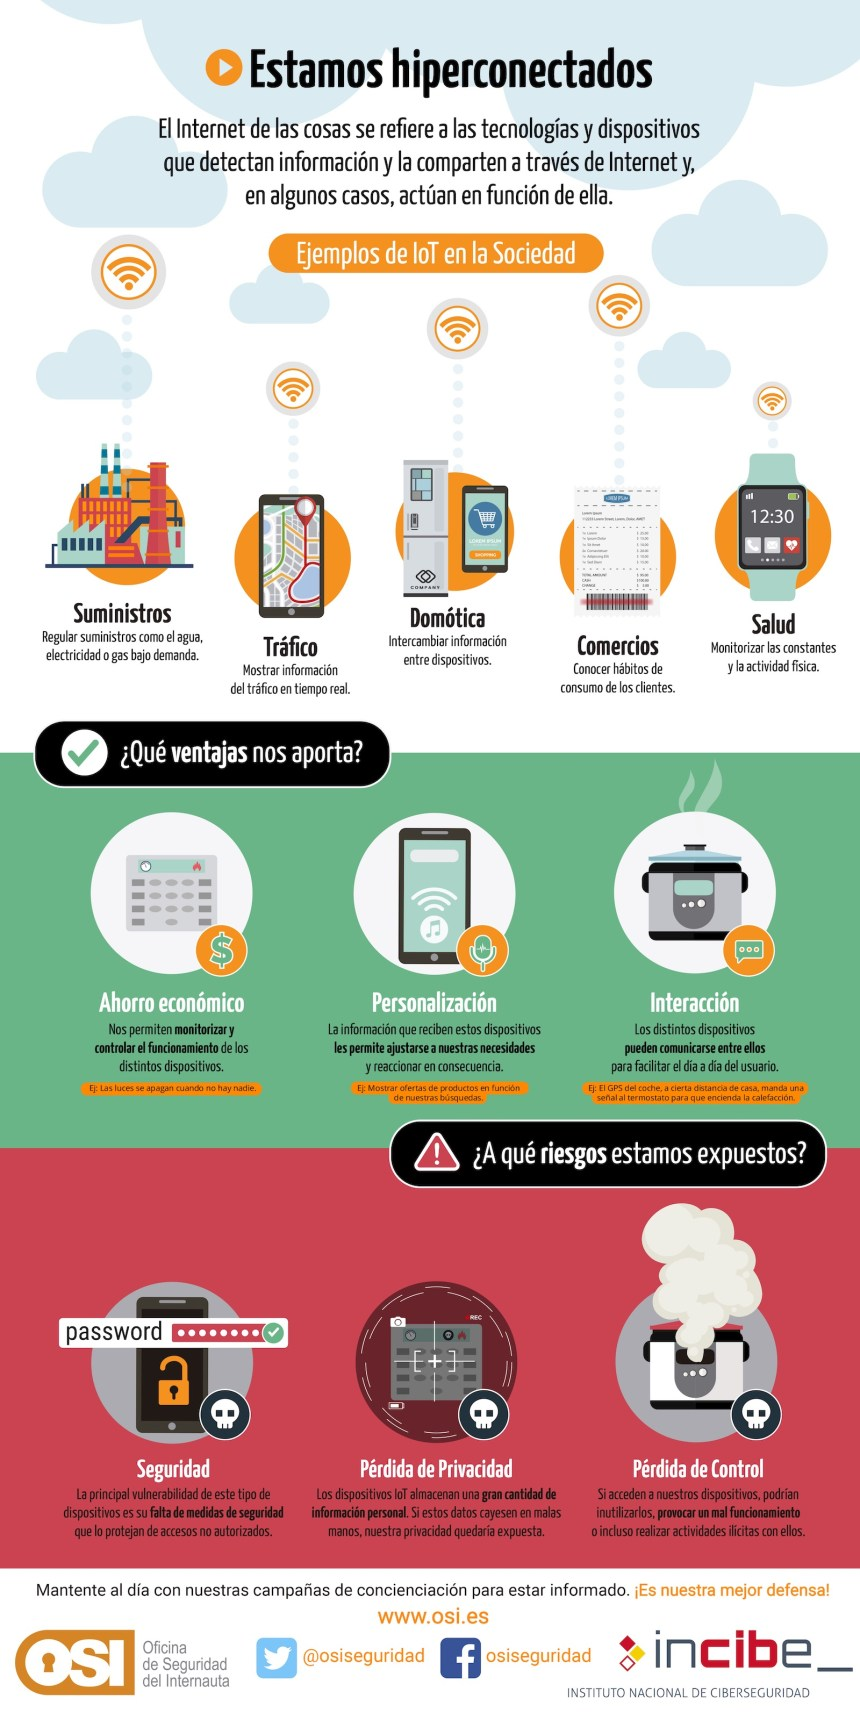 Internet de las Cosas en la Sociedad #infografia #tech #IoT